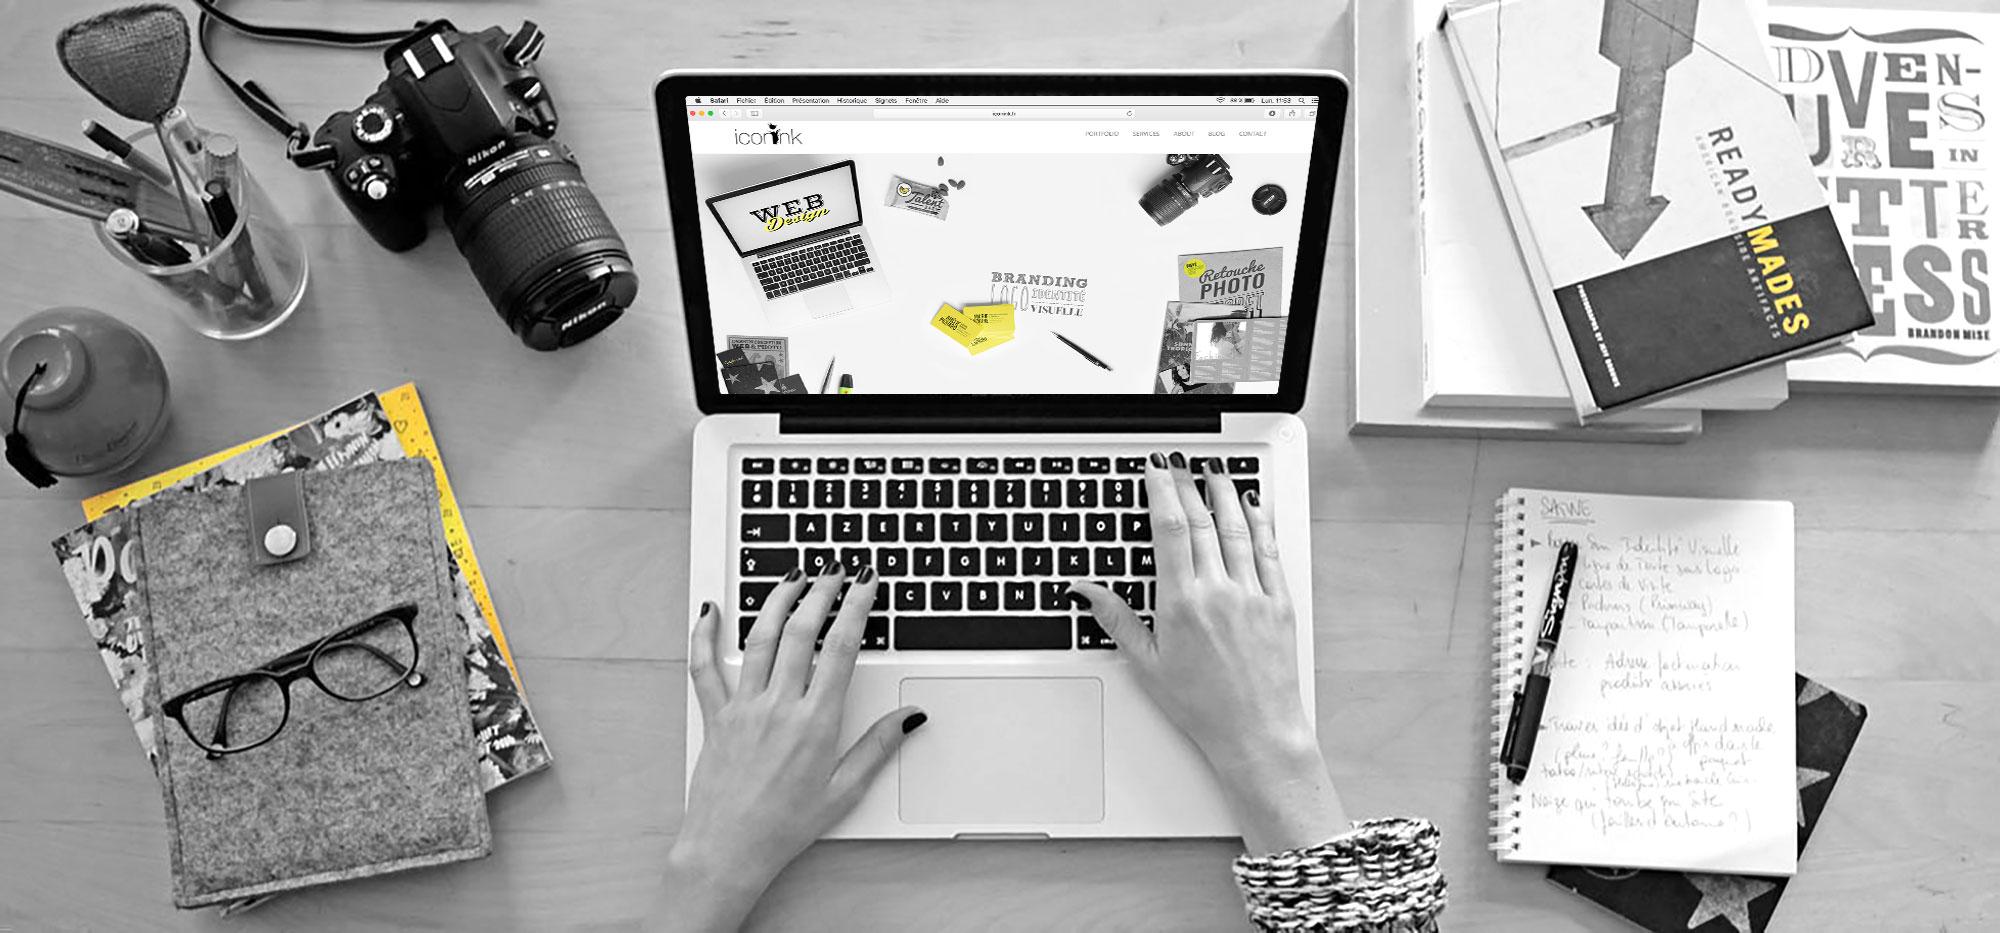 Iconink - agence de Web Design, Graphisme & Branding